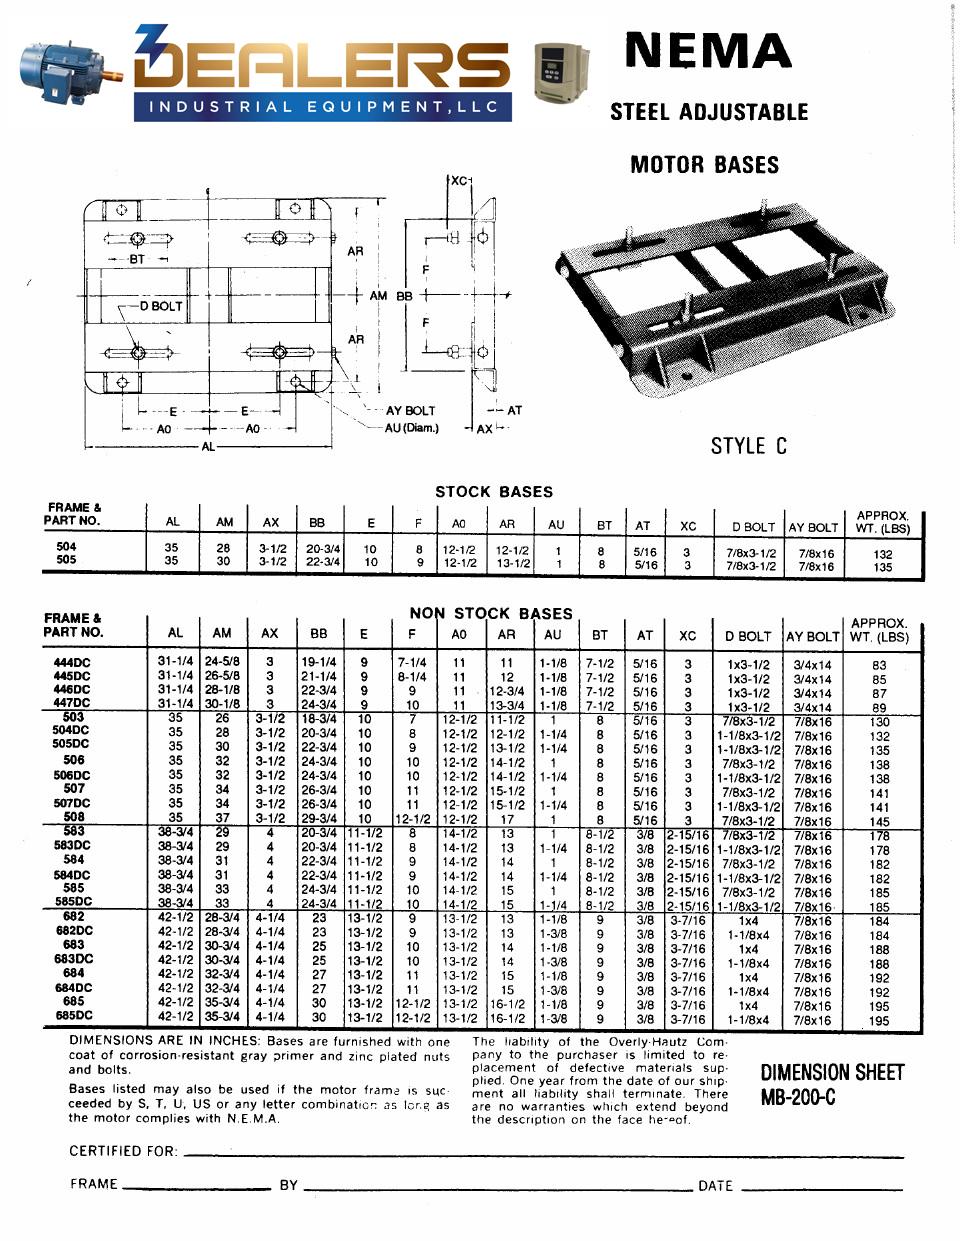 Adjustable Motor Base Dimensions